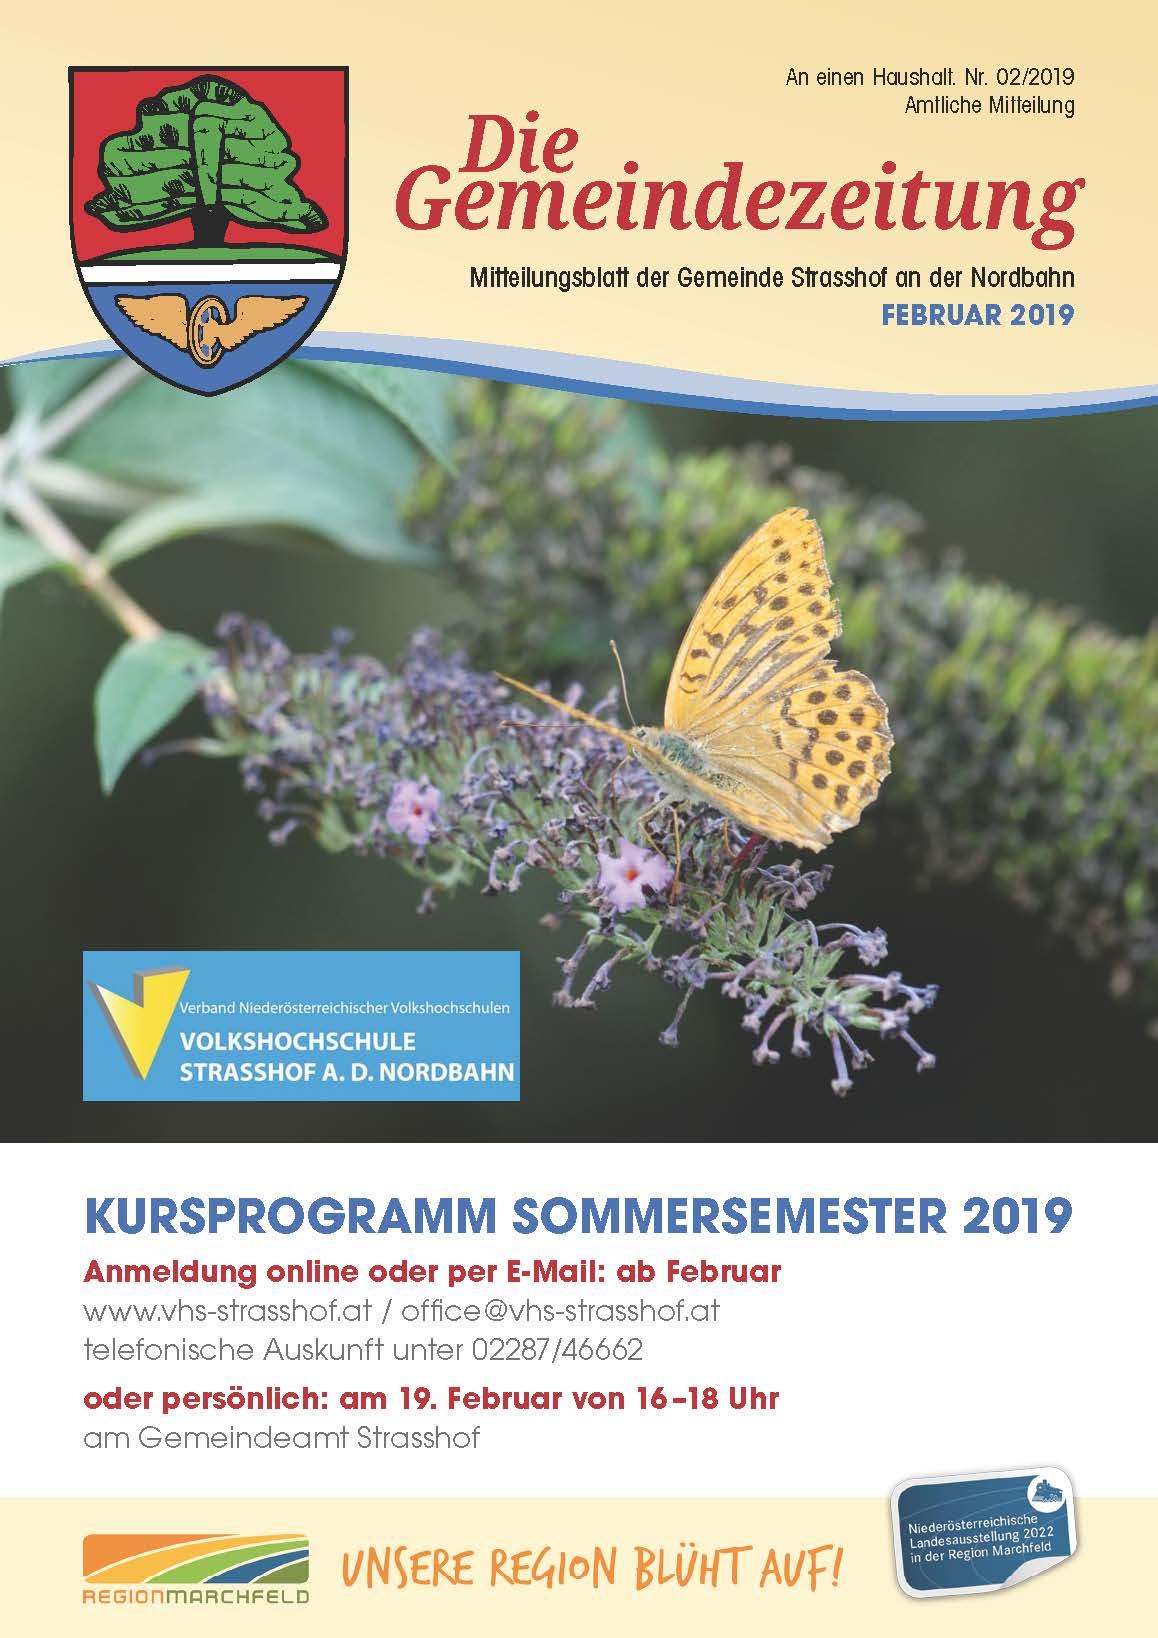 Das neue Kursprogramm Sommersemester 2019 ist da!